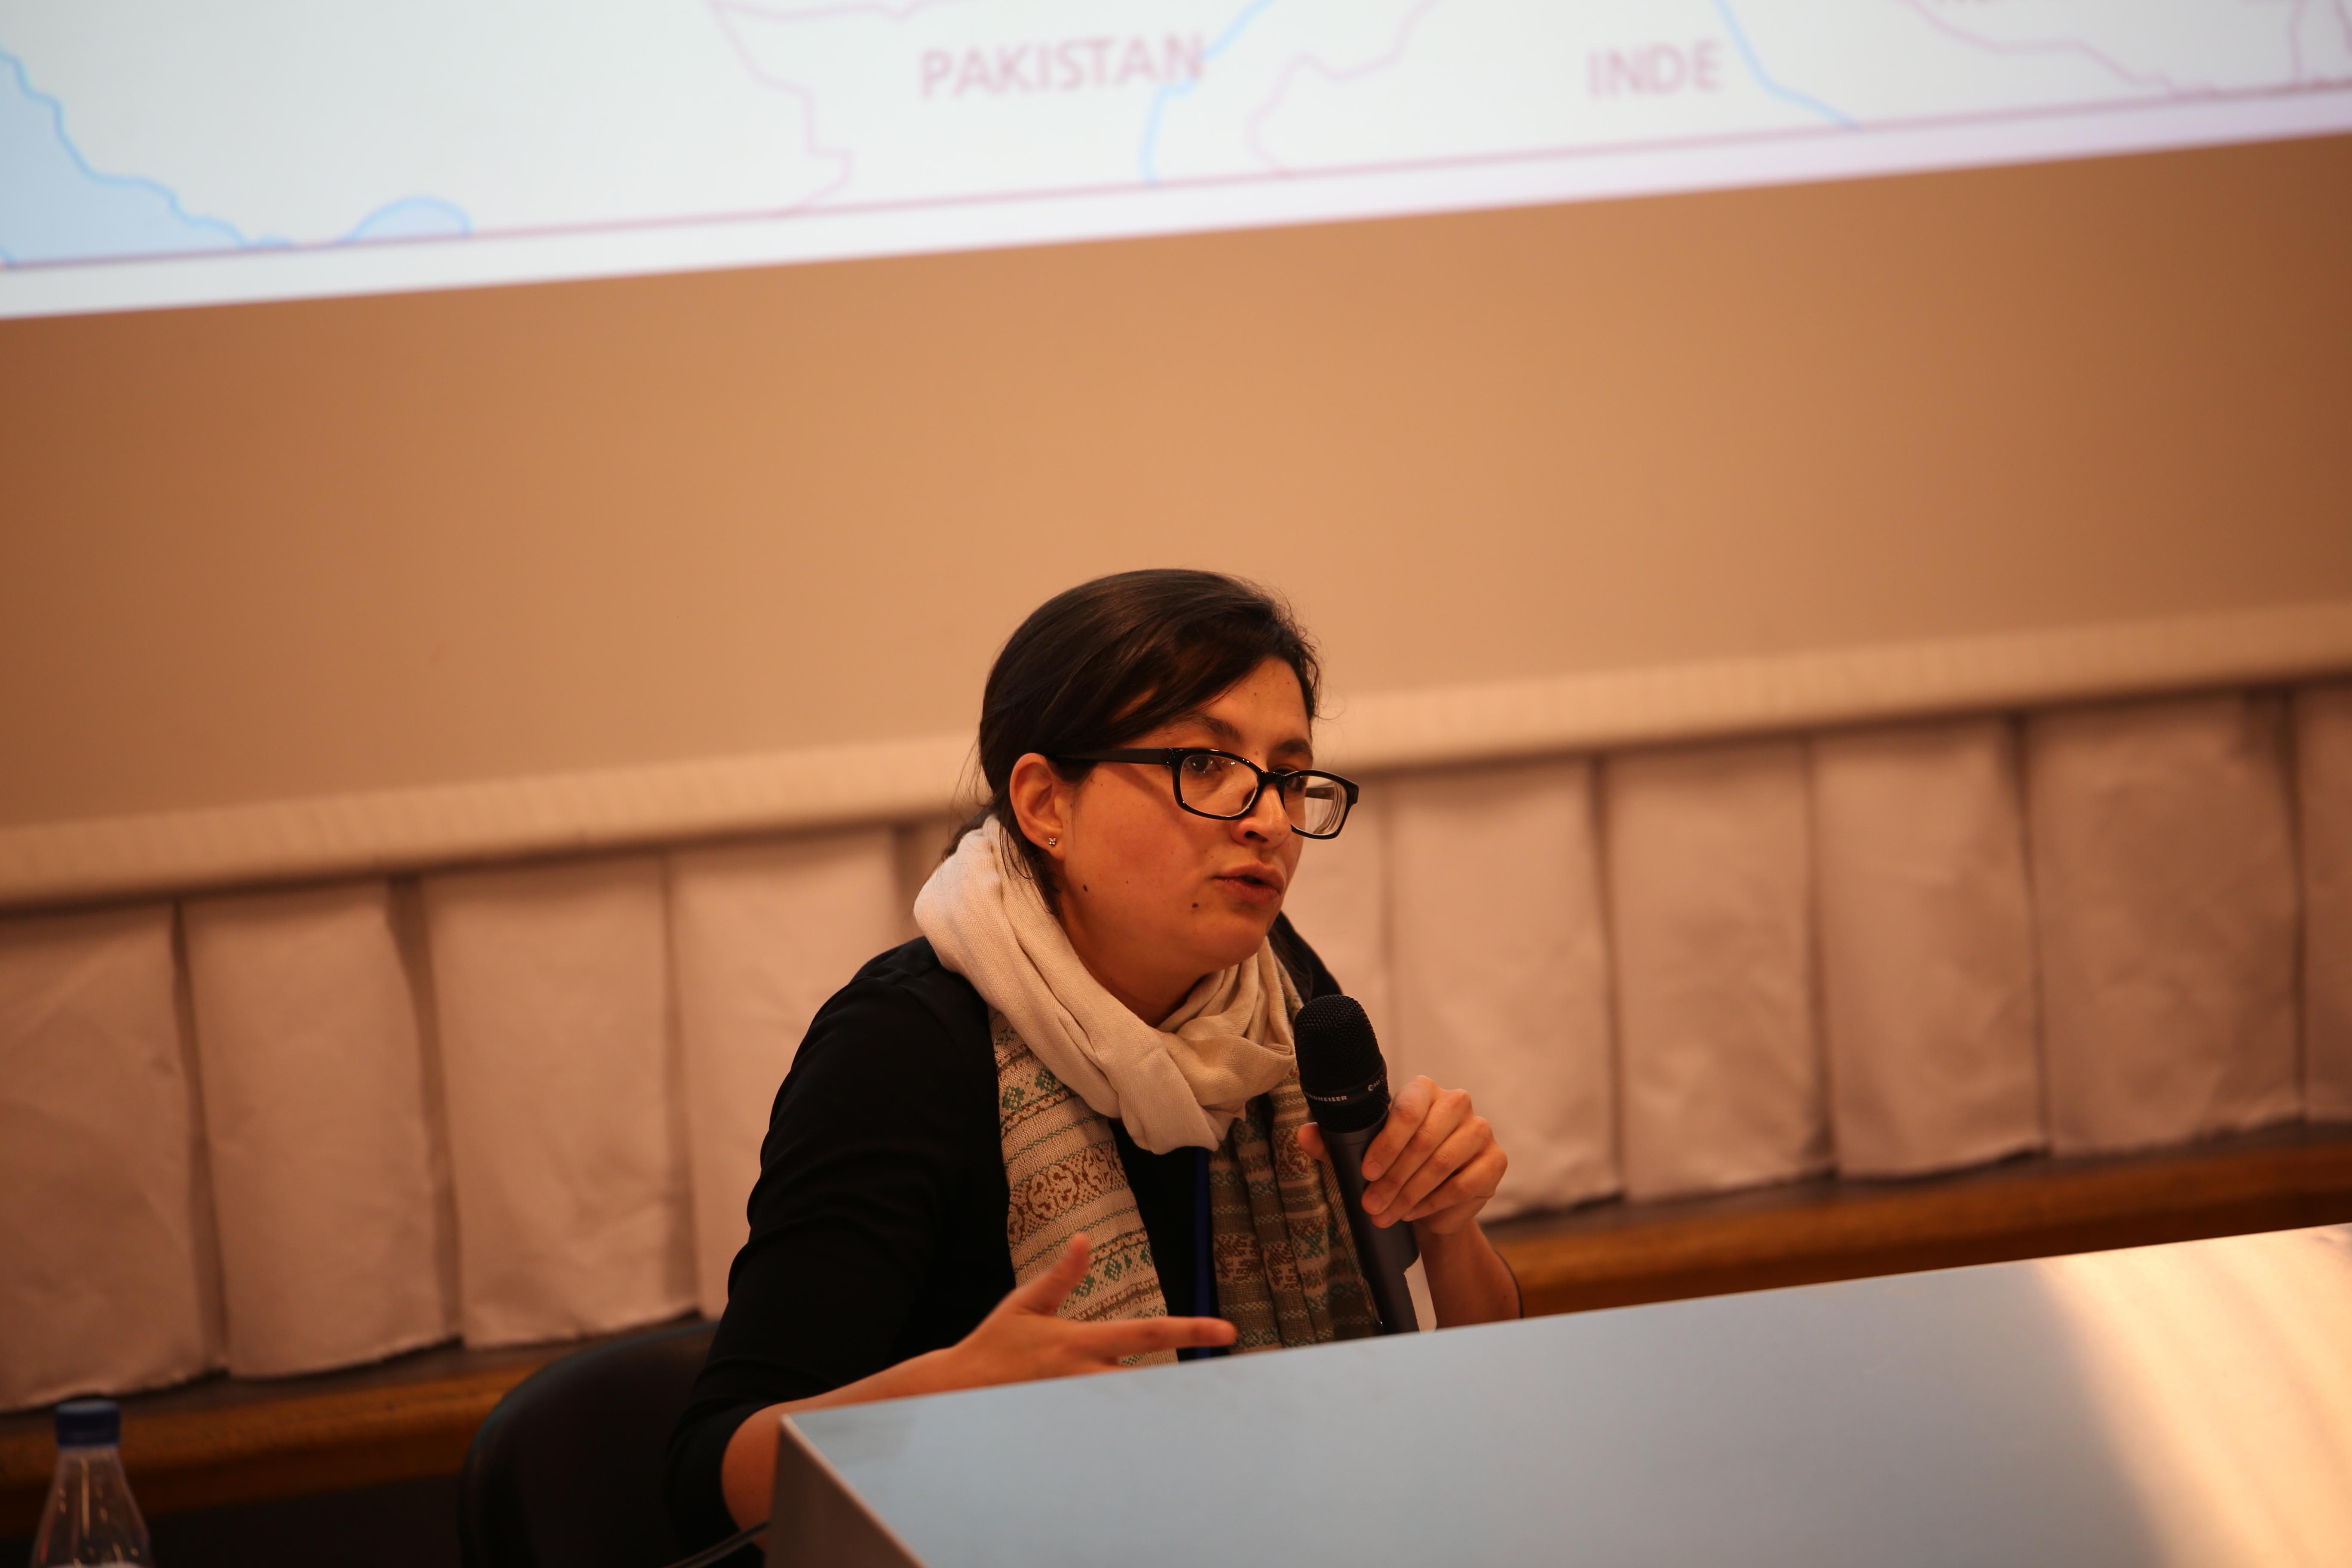 Isabella Damiani, spécialiste de l'Asie centrale, le 5 avril 2014, lors de son intervention sur « L'Eurasie vue d'Asie Centrale » pendant le Festival de Géopolitique de Grenoble. Crédit : Festival géopolitique de Grenoble